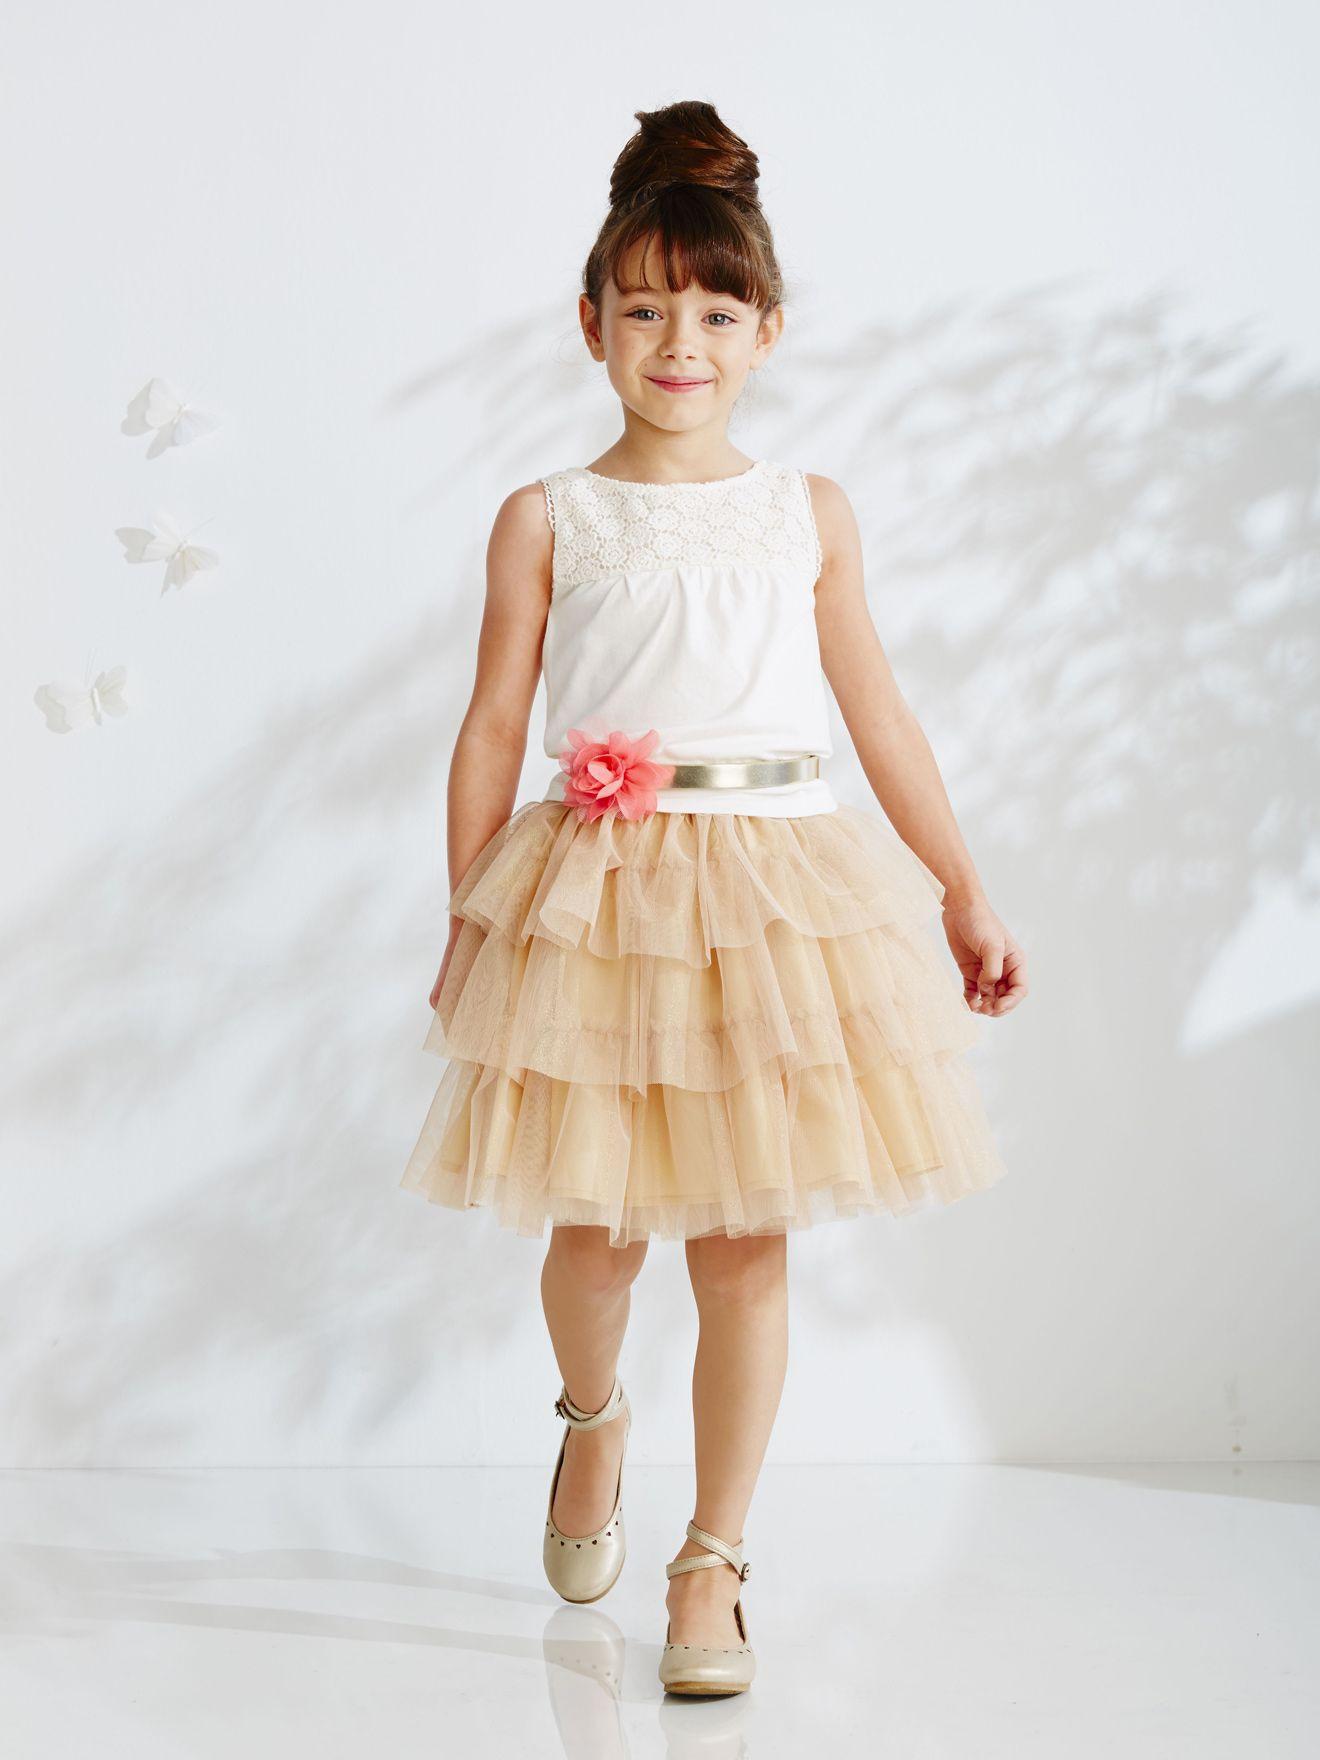 Kinder Hochzeit Kleider  festliche Kleidung für Kinder bei Hochzeiten Wunsch